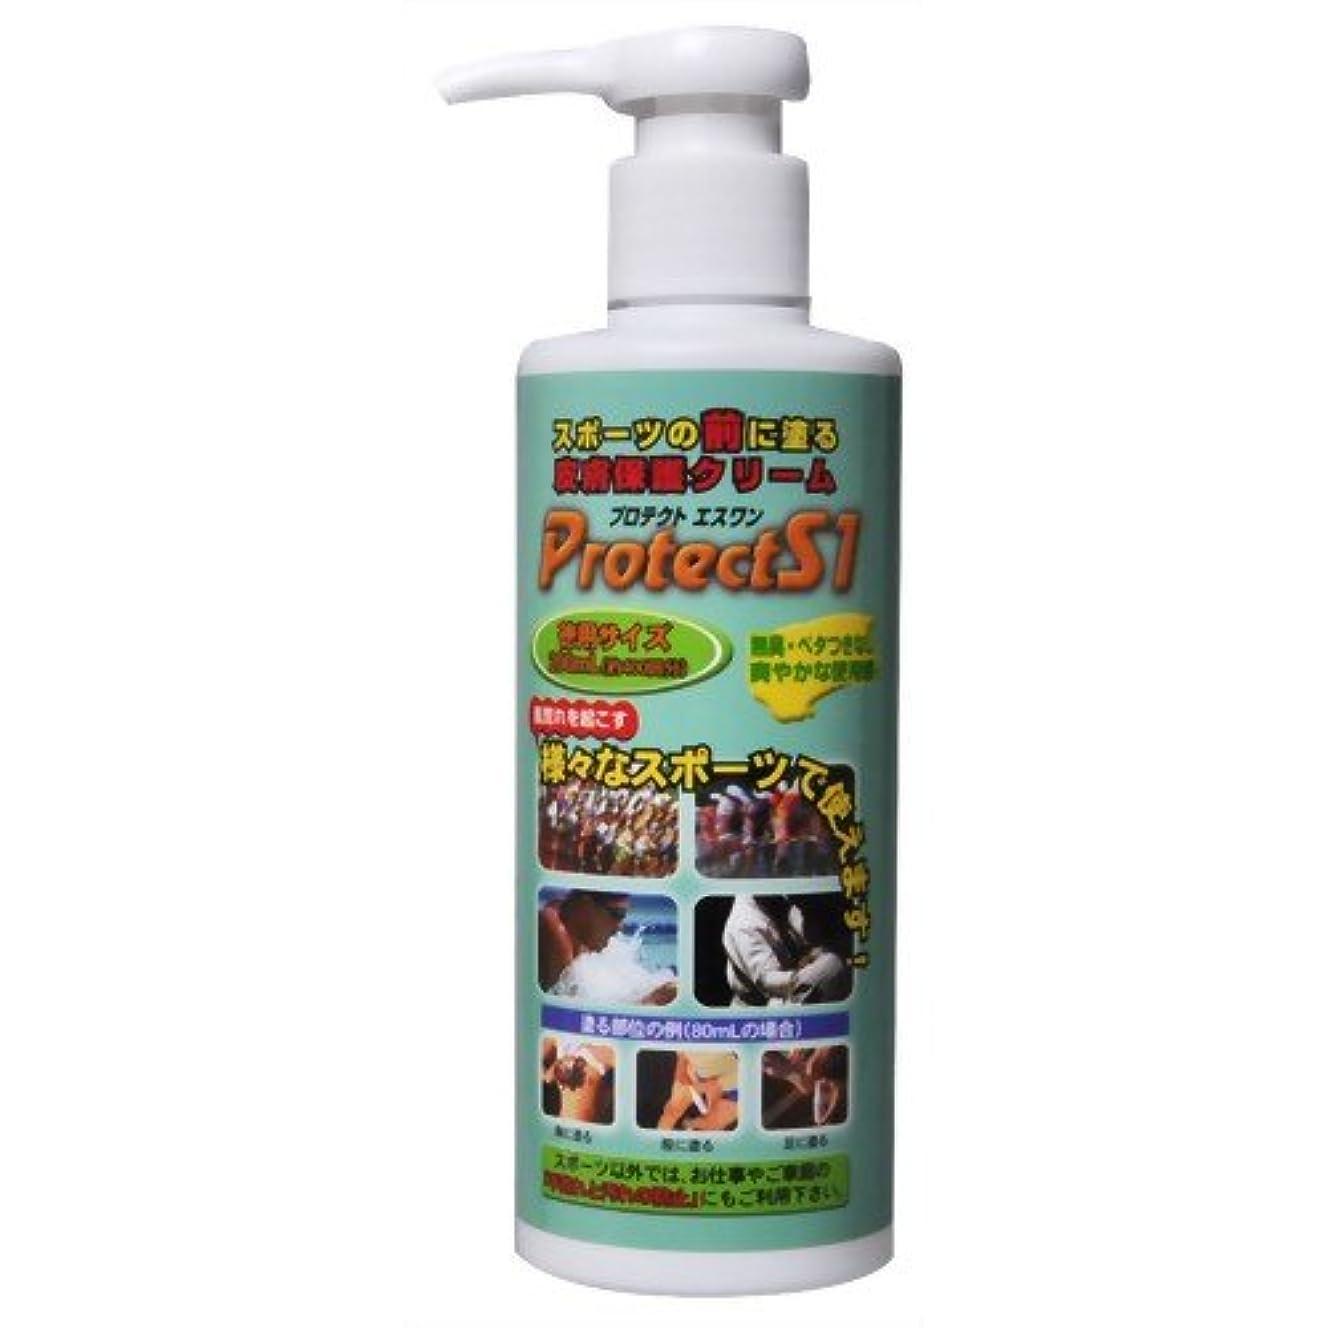 島トロイの木馬勇気Protect S1 スポーツ摩擦皮膚保護クリーム 200ml